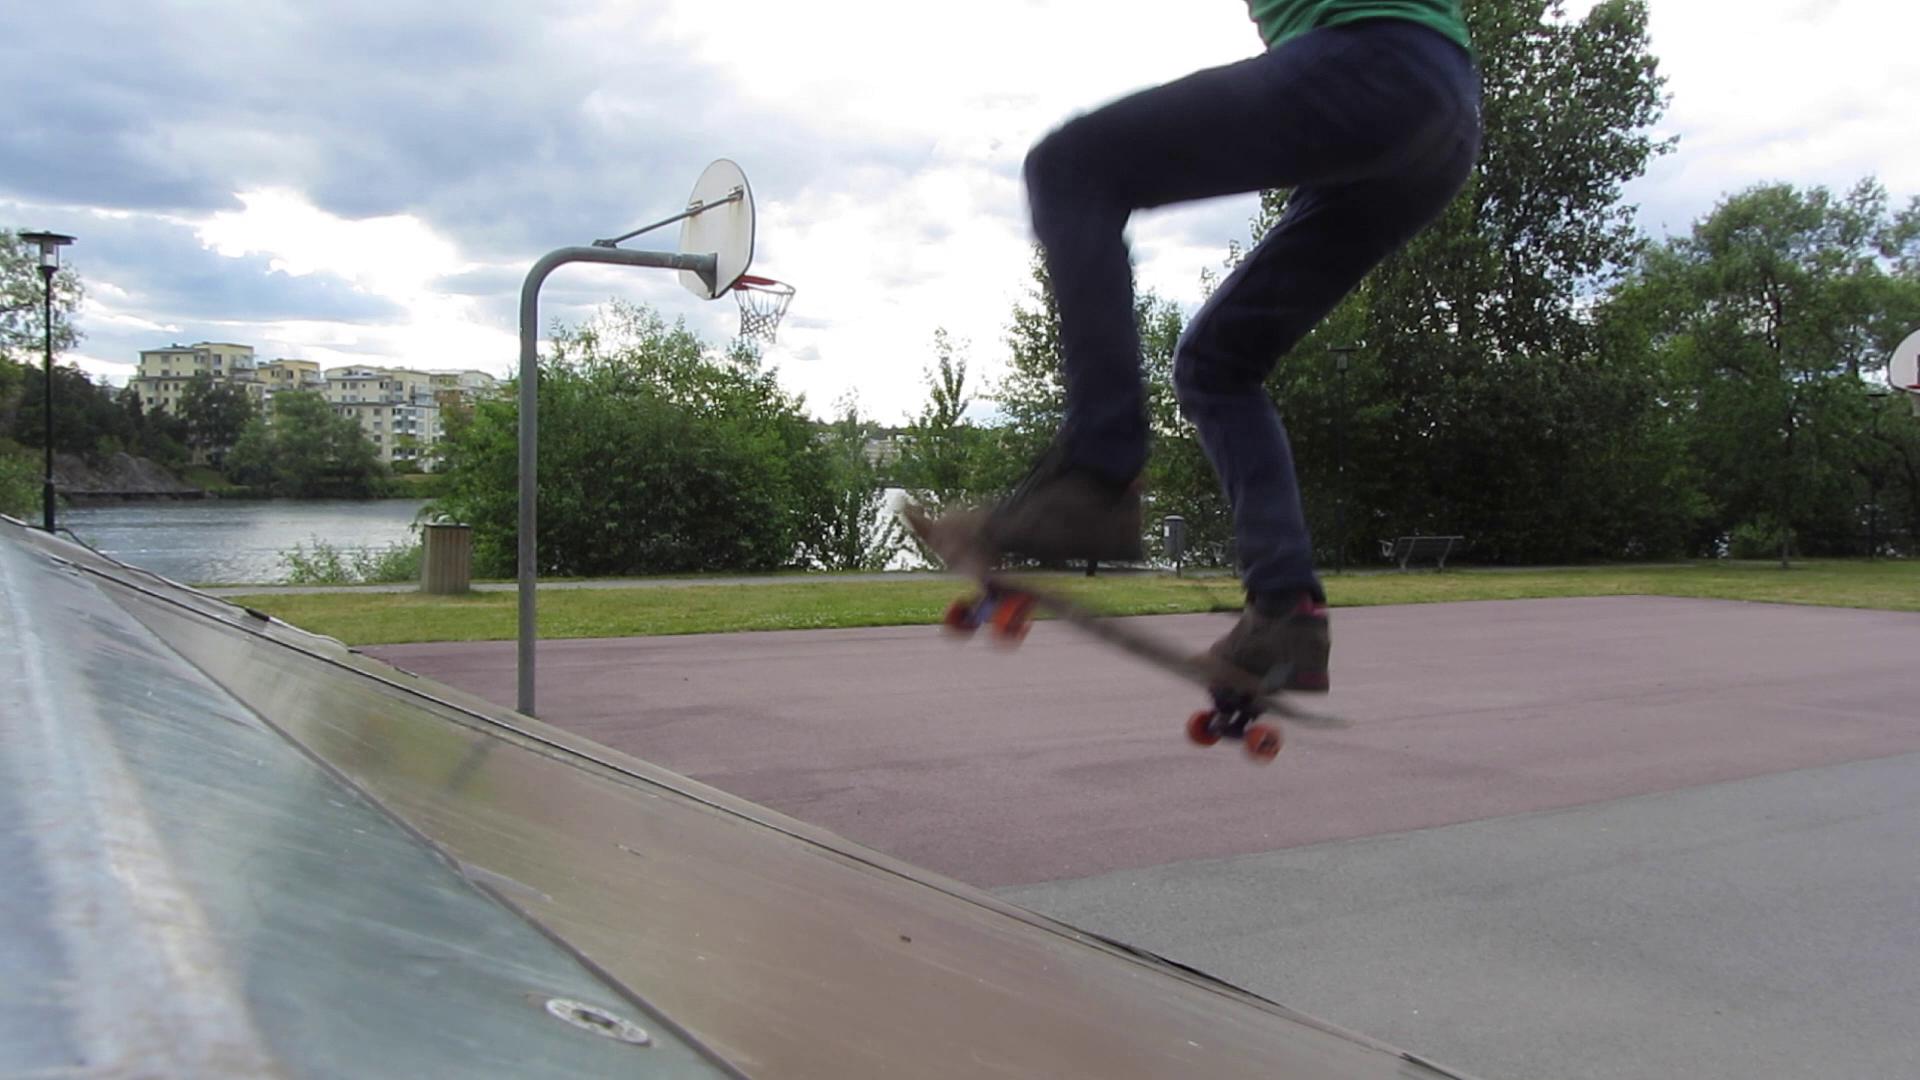 Skatehack action